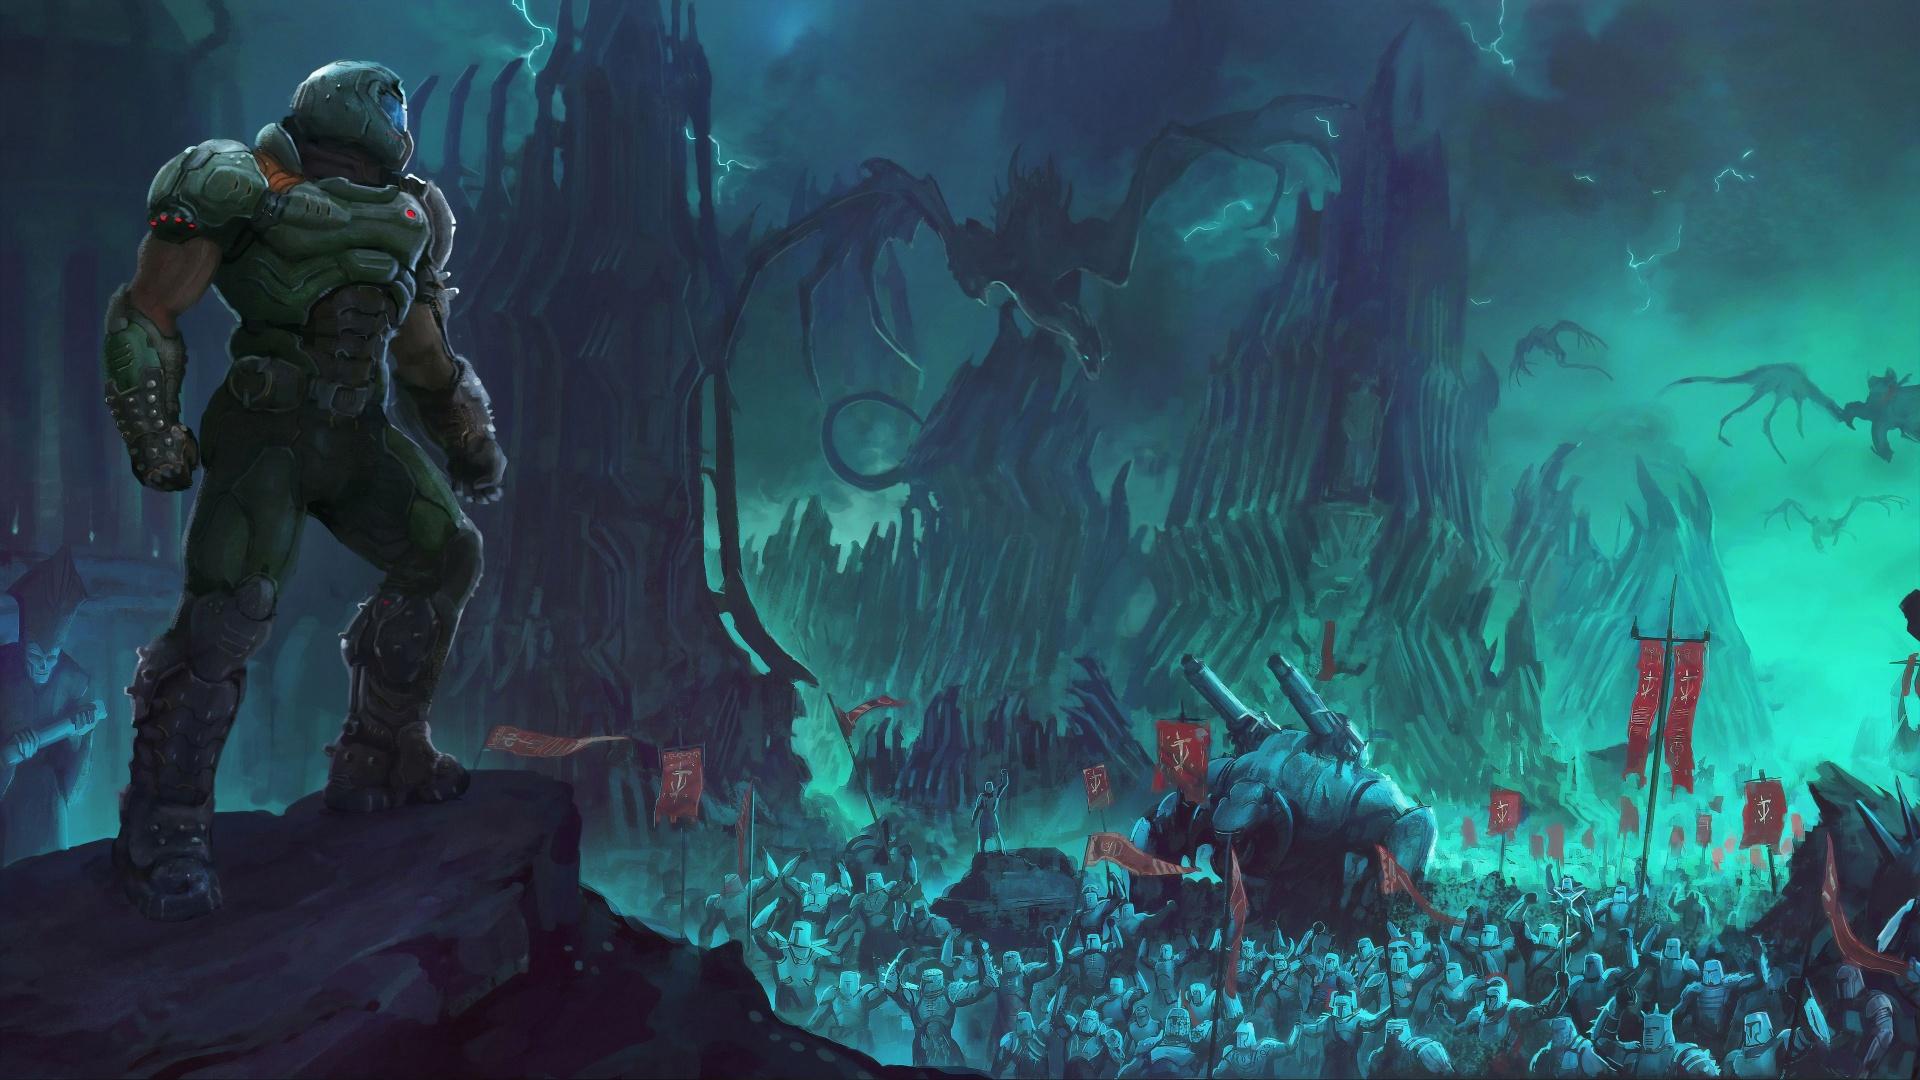 Первые сюжетные дополнения DOOM Eternal посвятят Думслееру